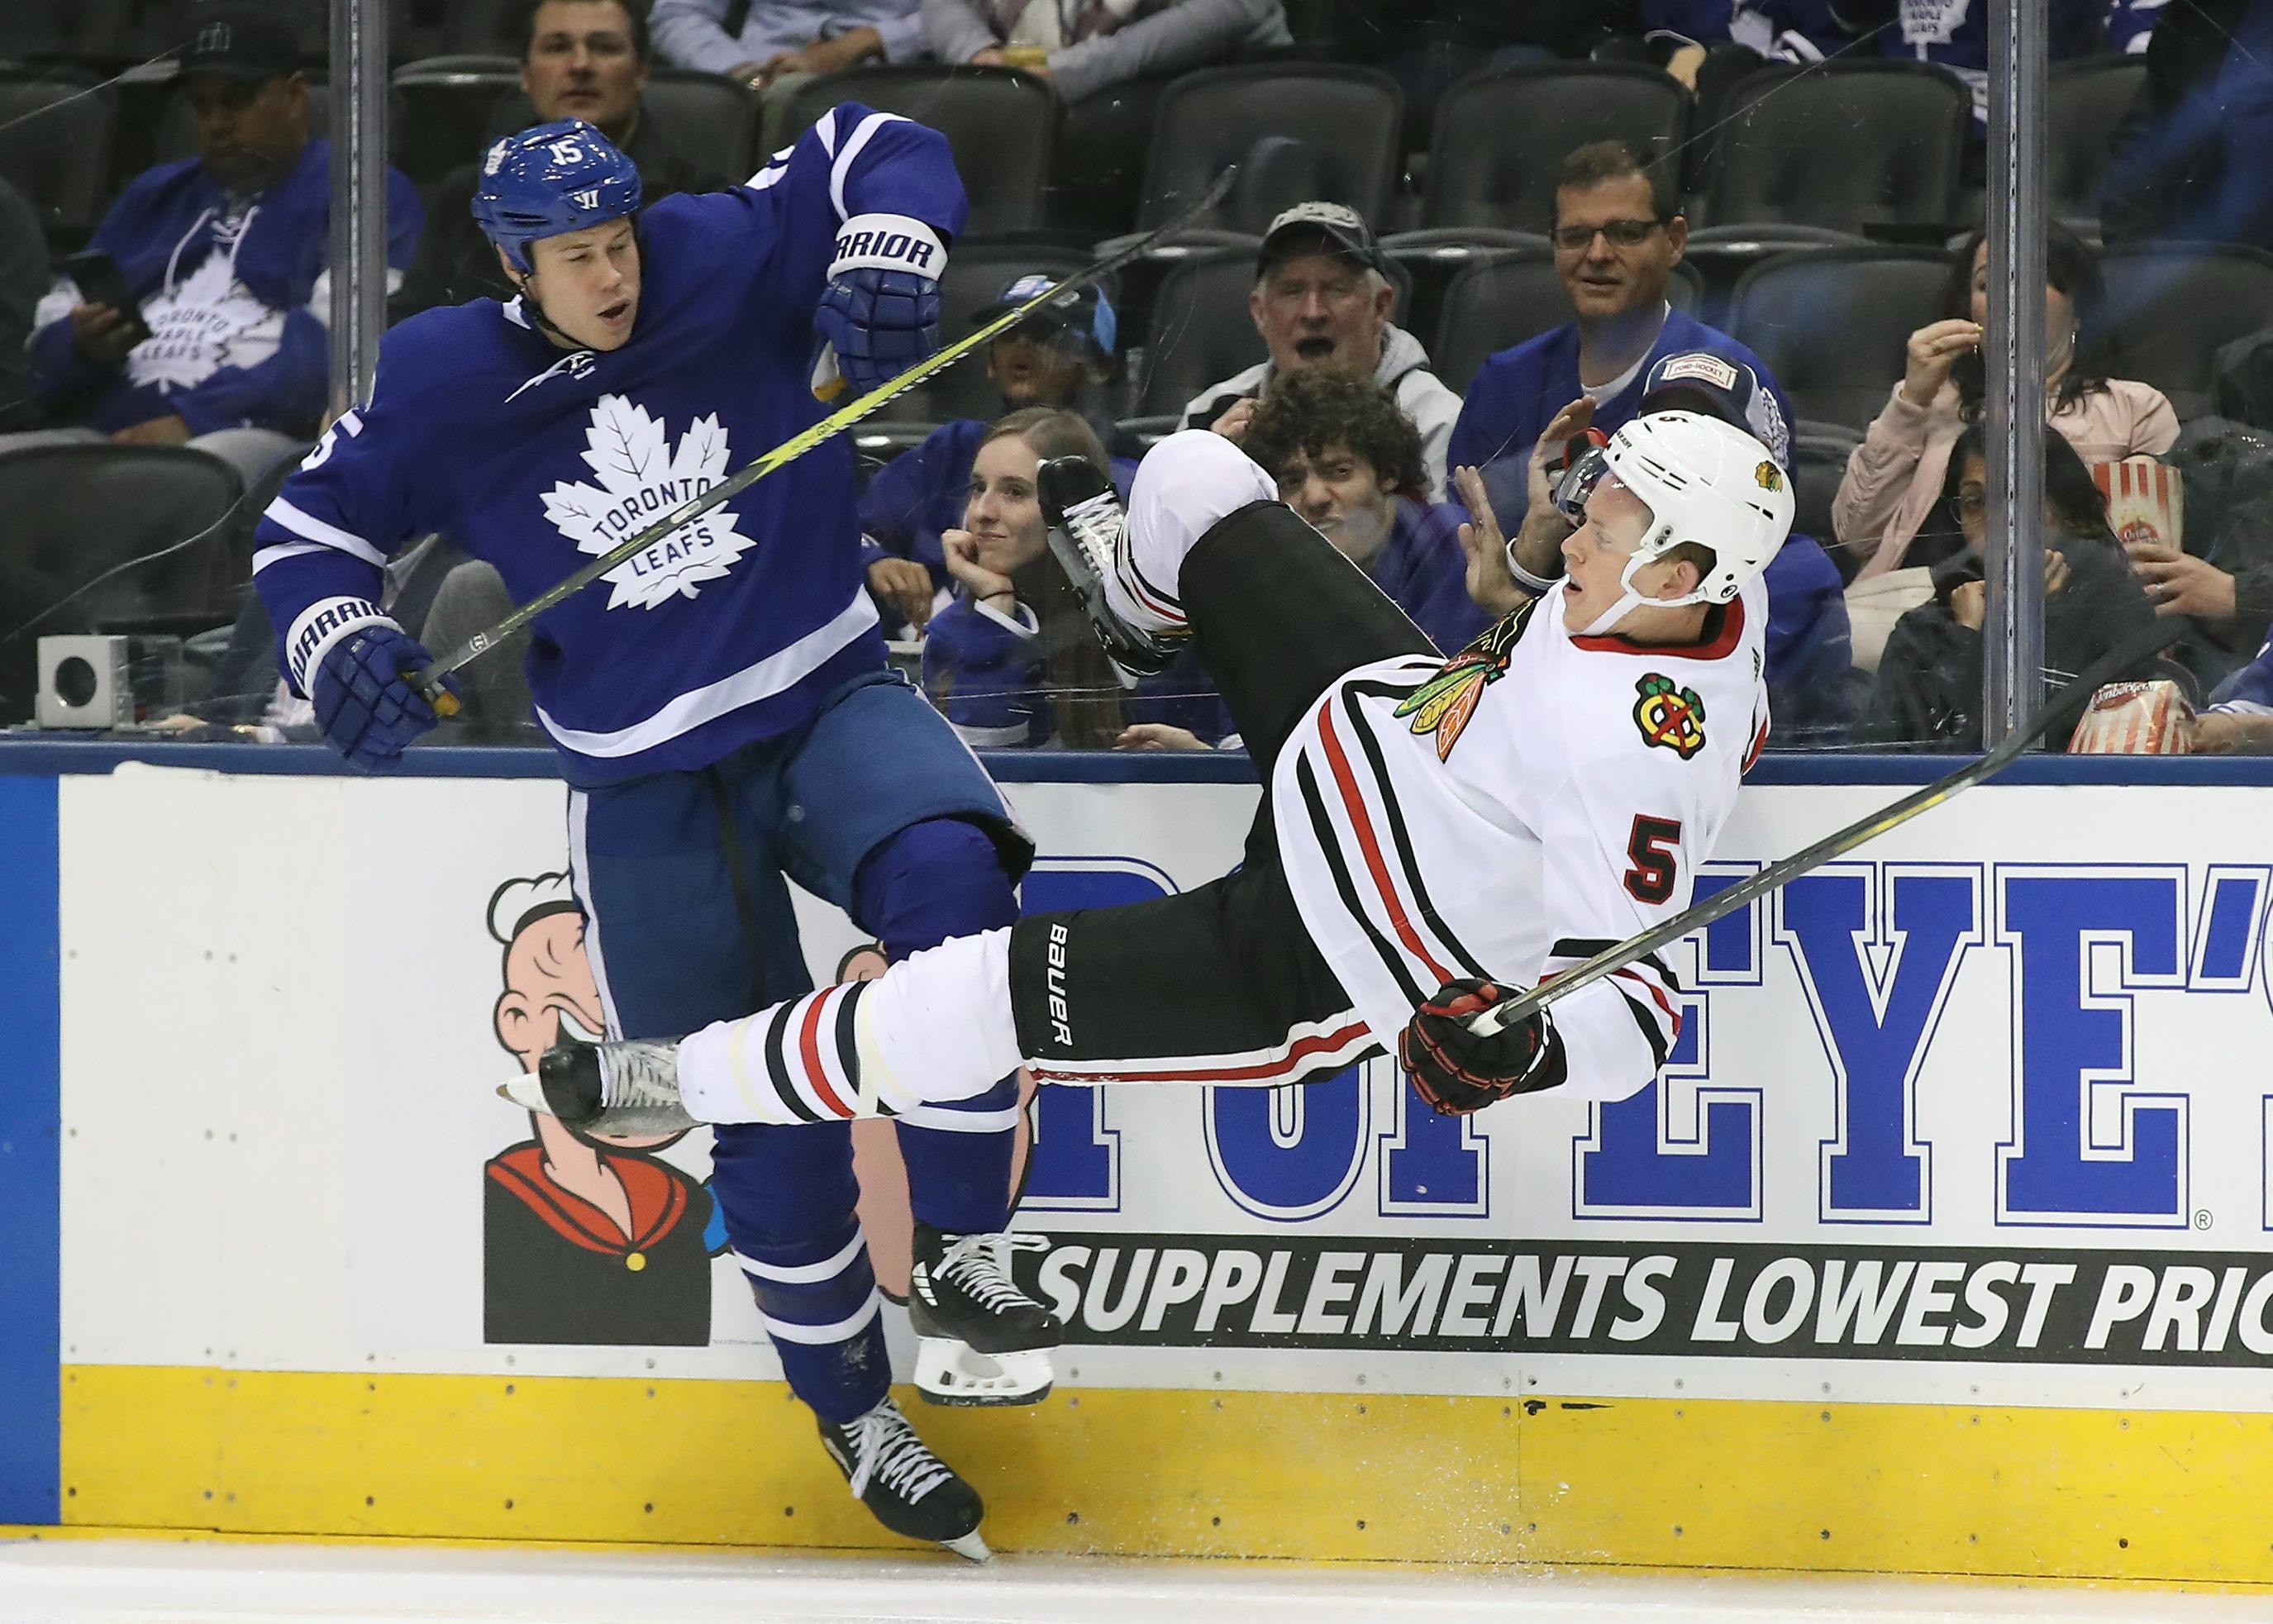 Что такое плей-офф в хоккее